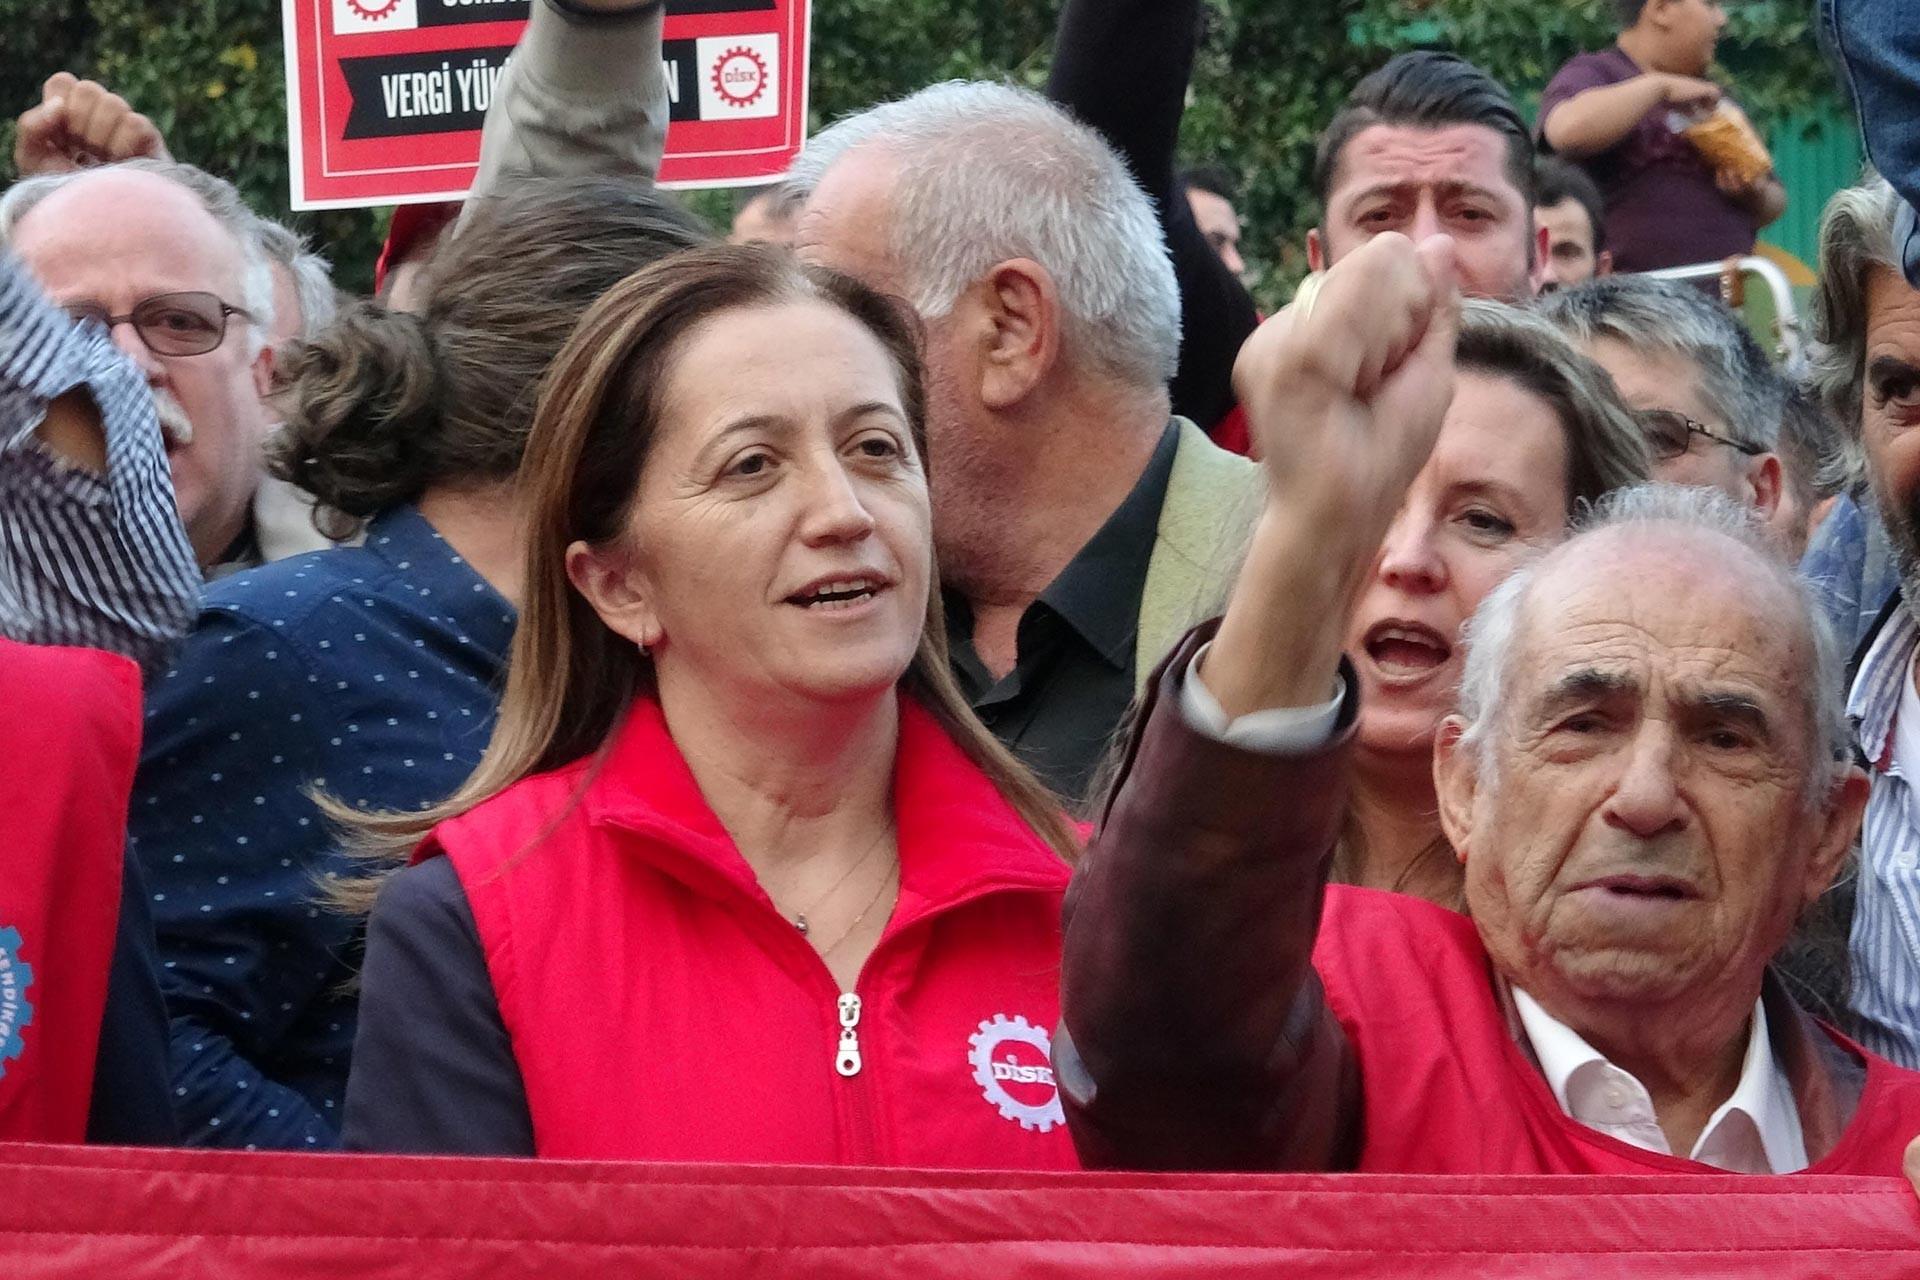 DİSK Genel Başkanı Arzu Çerkezoğlu basın açıklaması sırasında slogan atarken